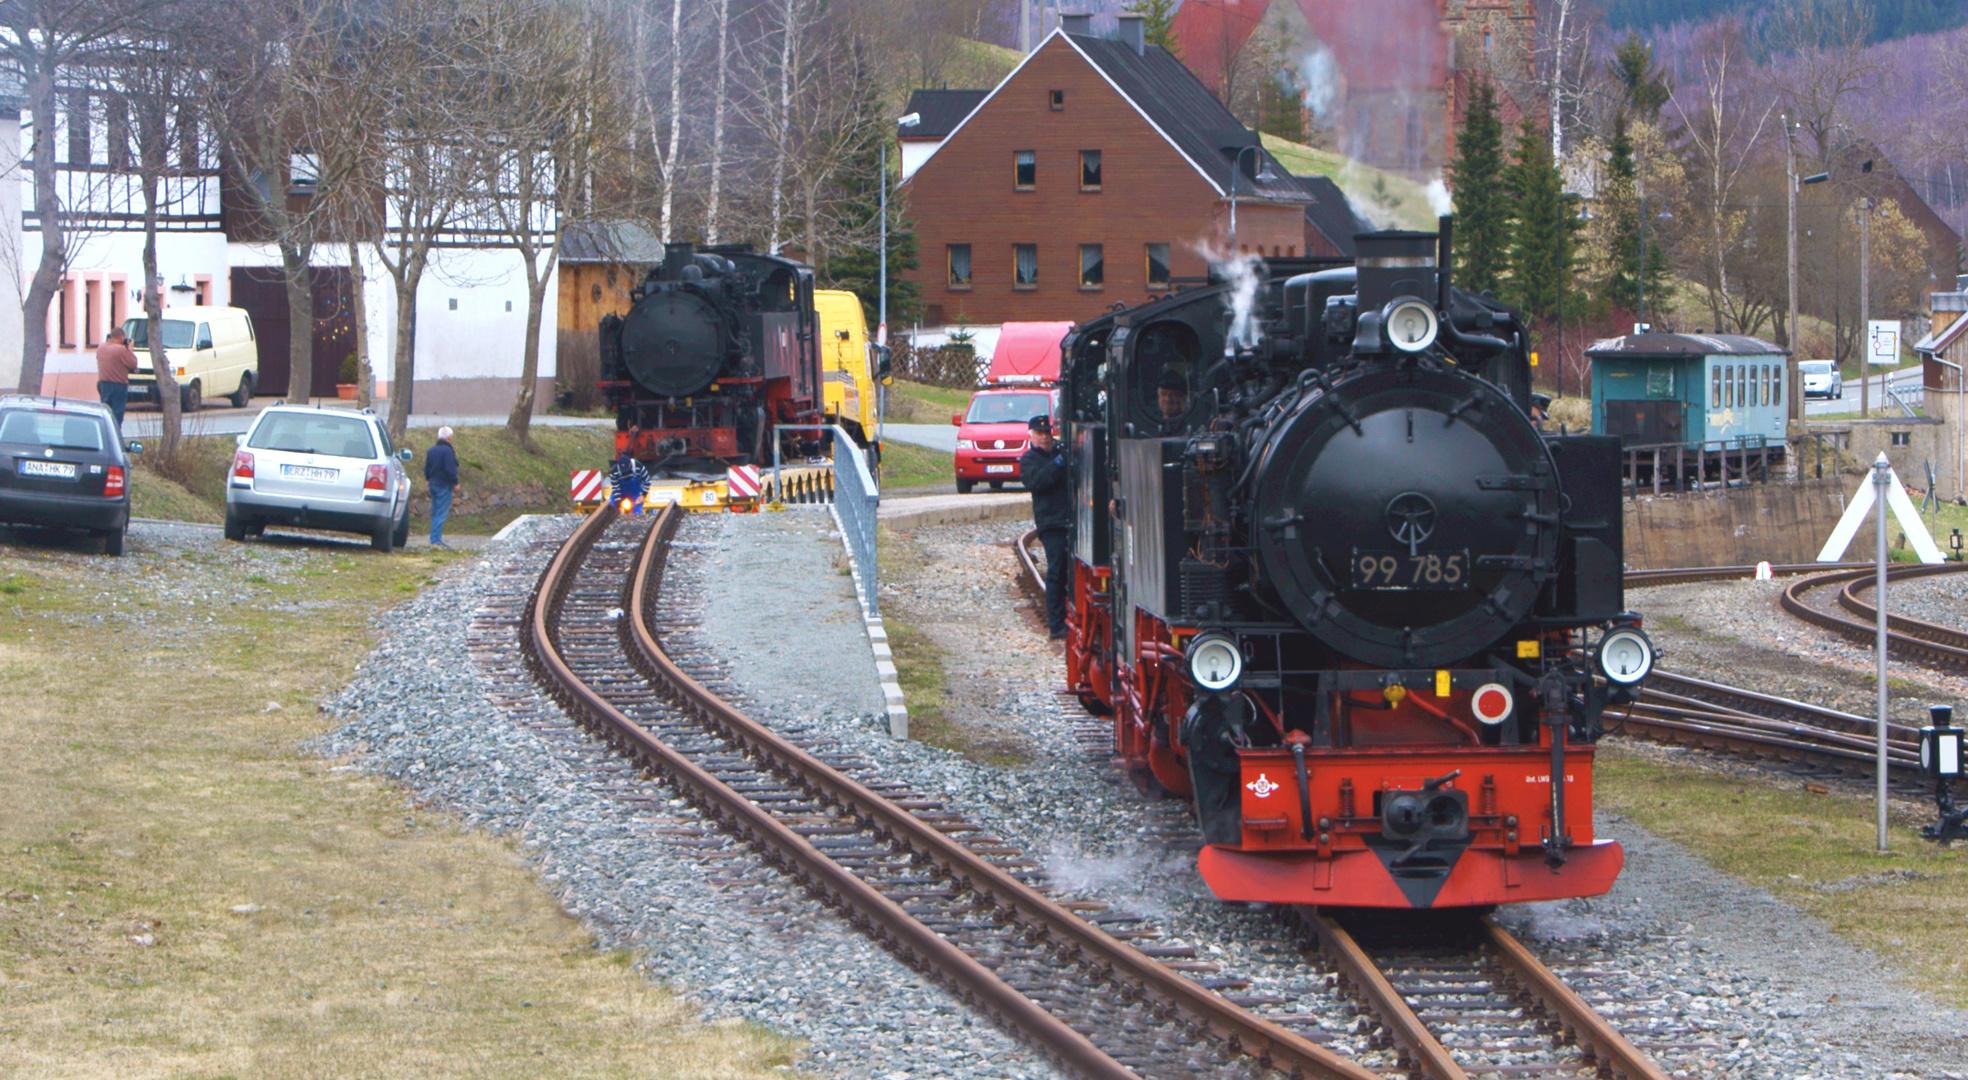 Bahnhof Hammerunterwiesenthal / Fichtelbergbahn